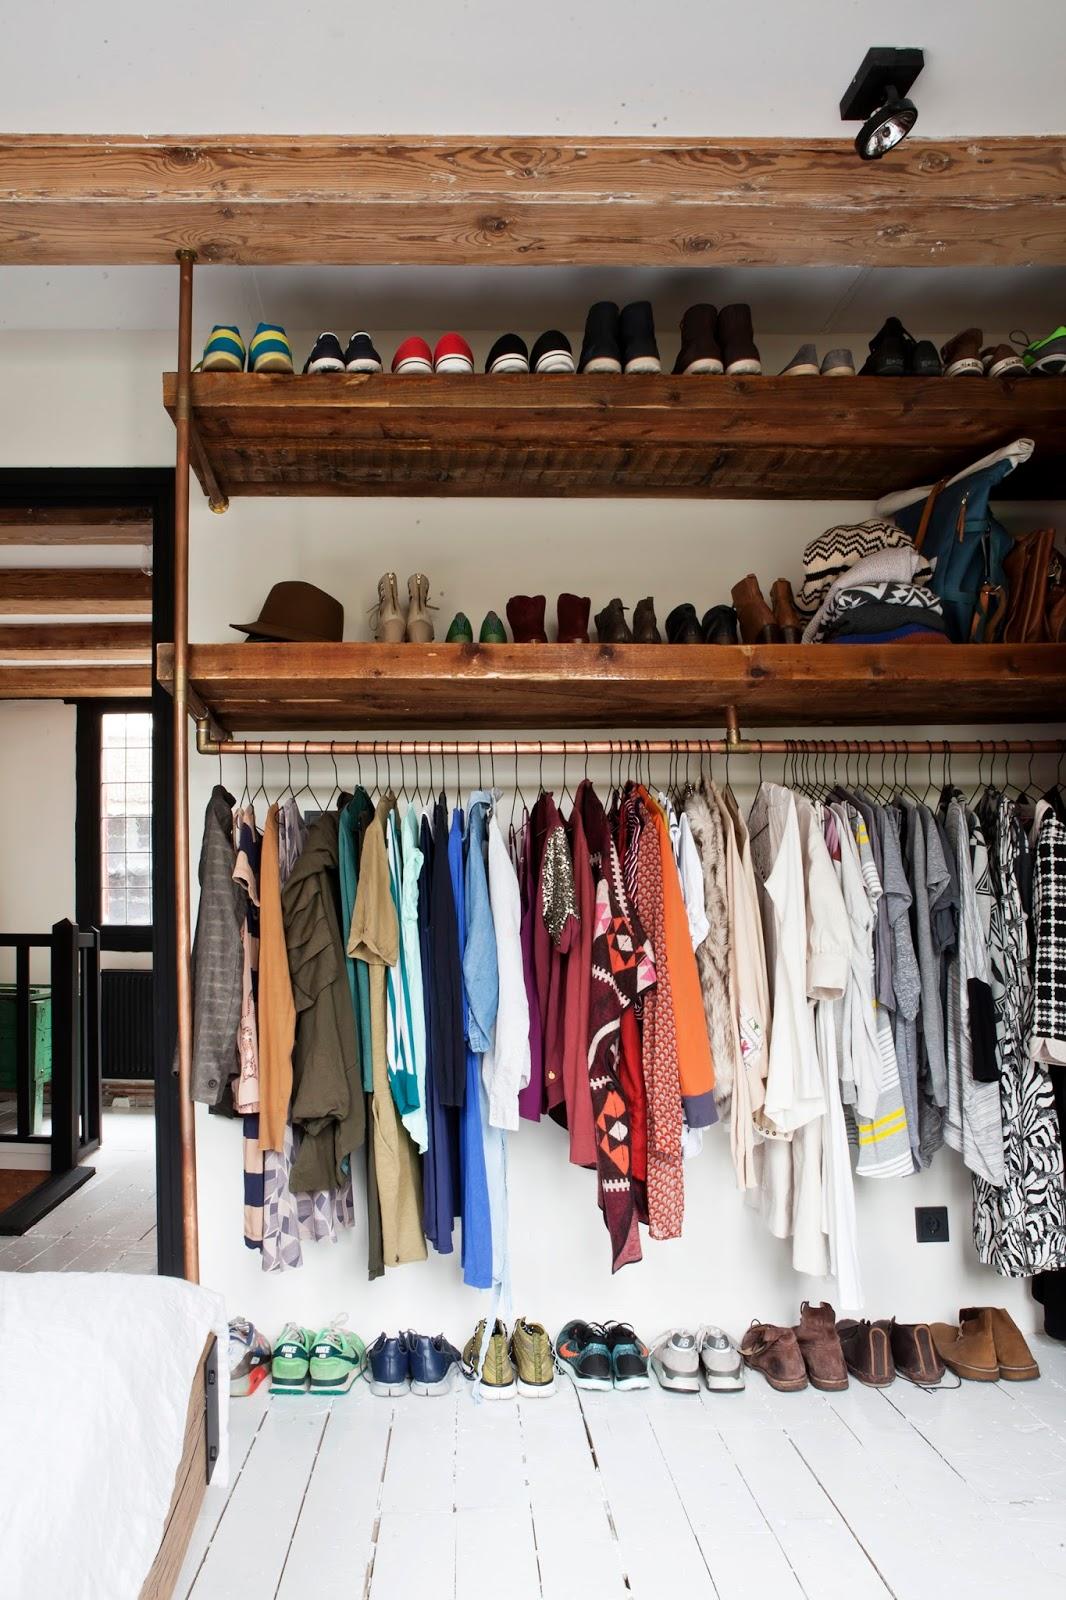 10 trucs pour tre inspir e par ta garde robe styliste pour emporter - Tablette pour garde robe ...